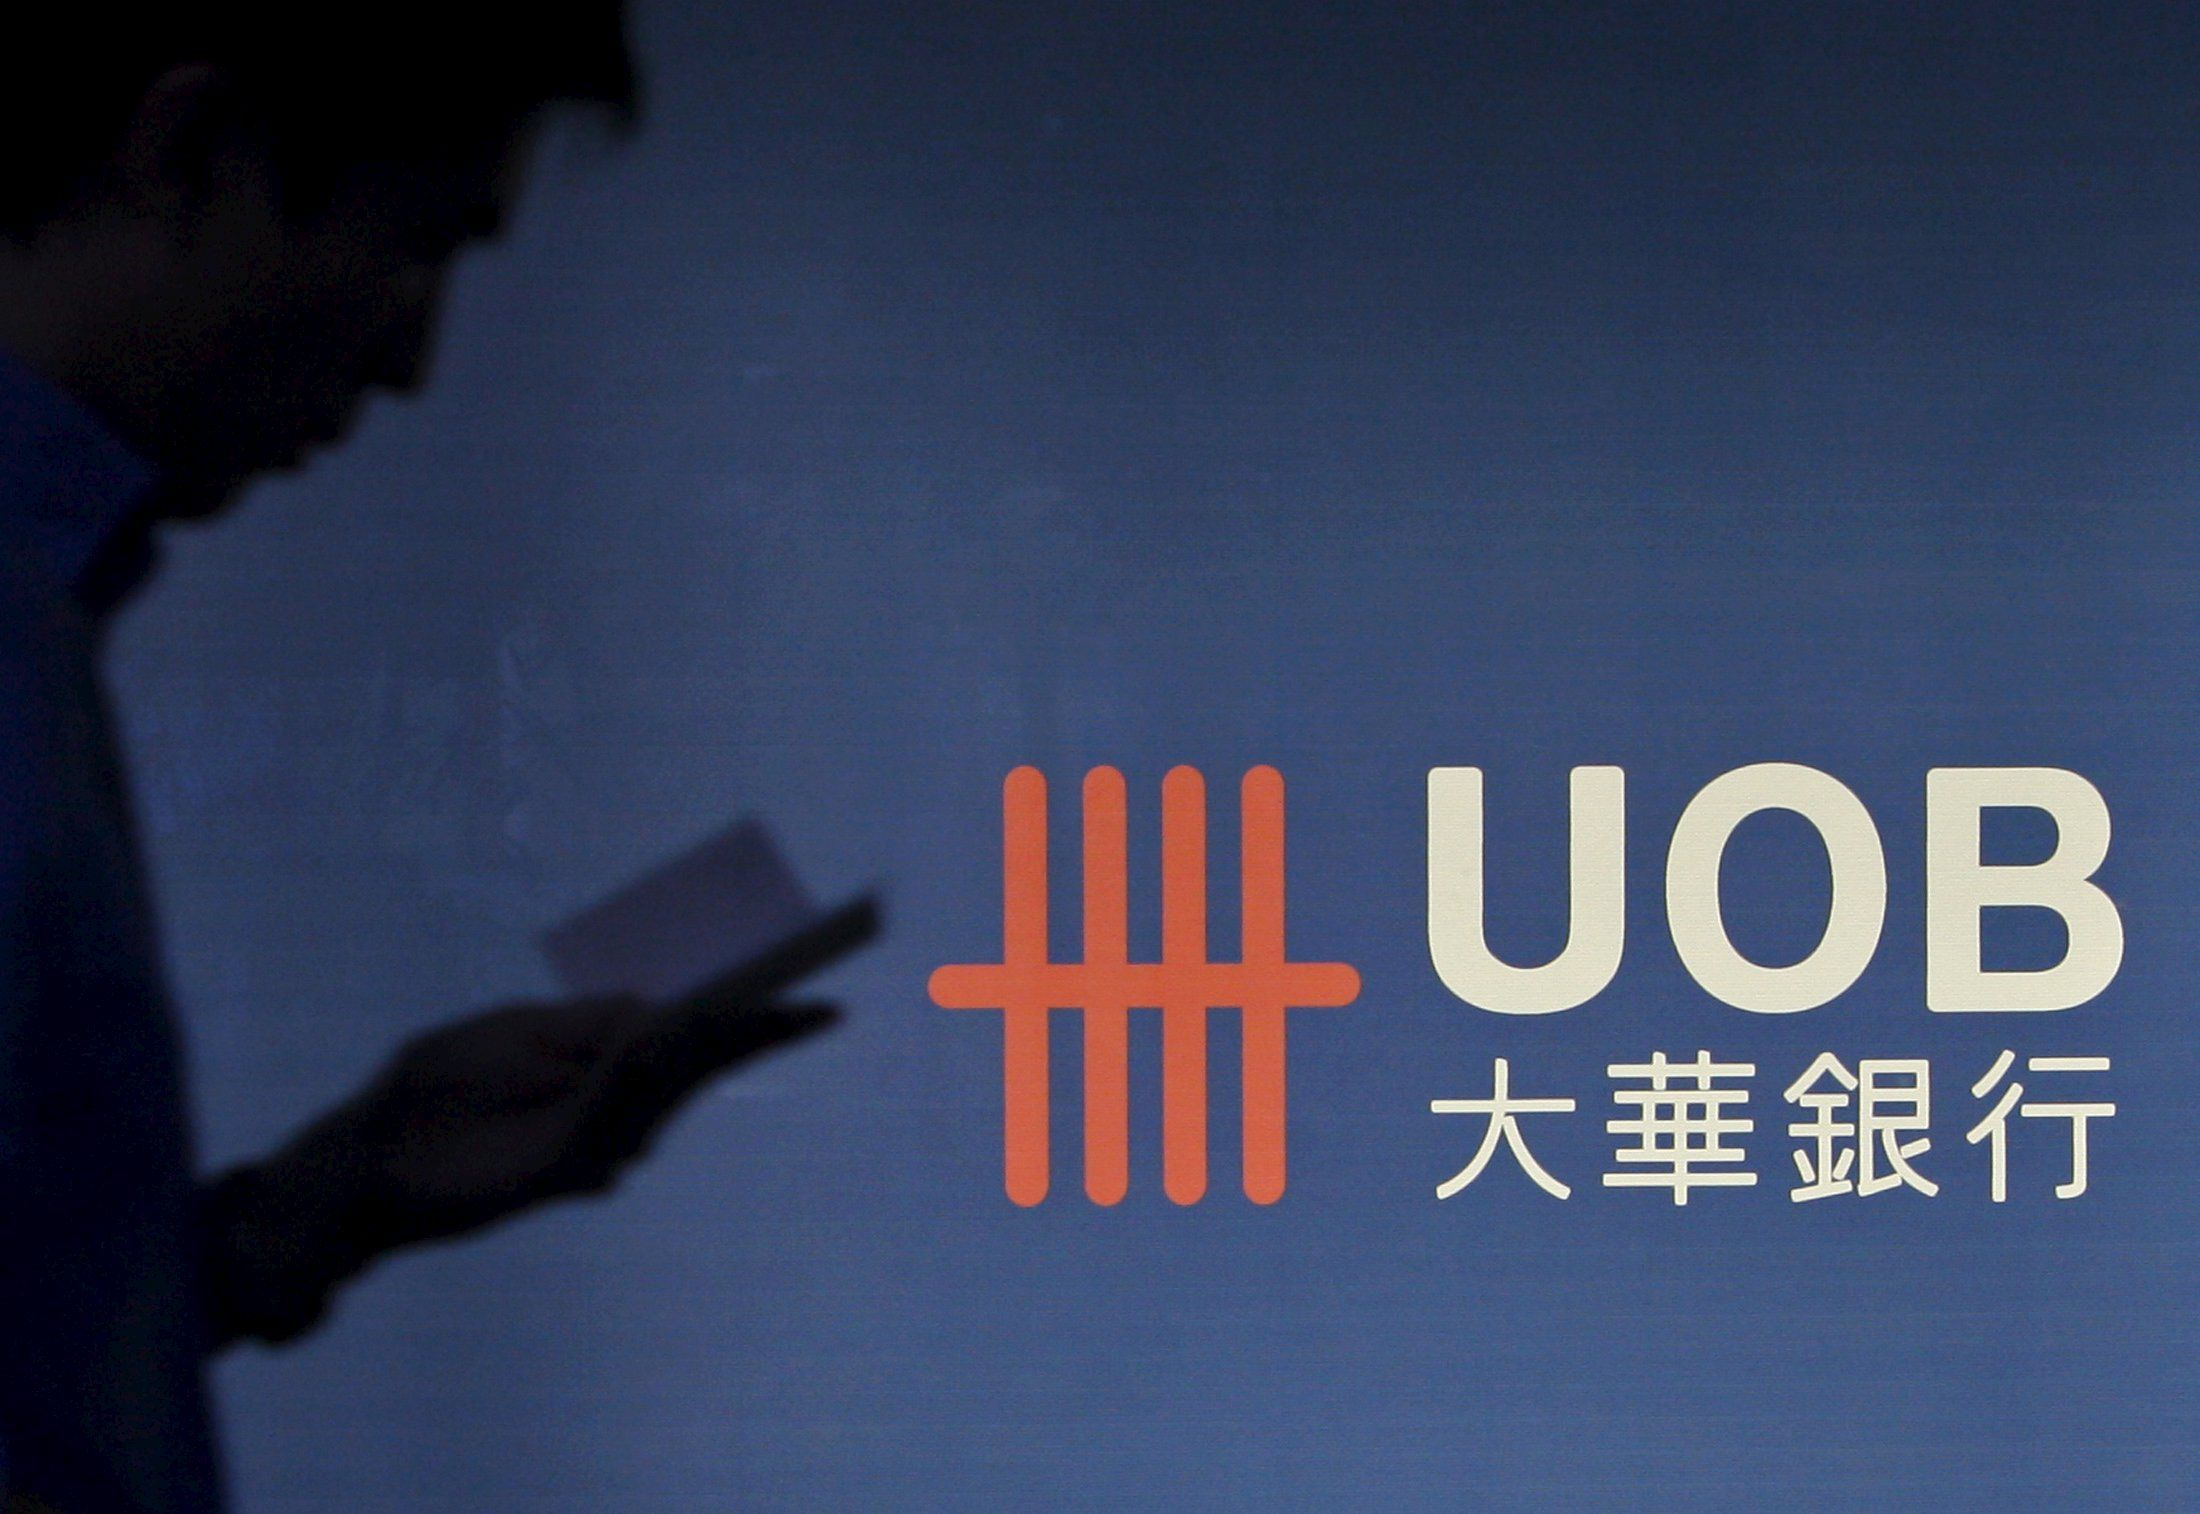 بنك UOB: استمرار الحركة العرضية لزوج الاسترليني دولار